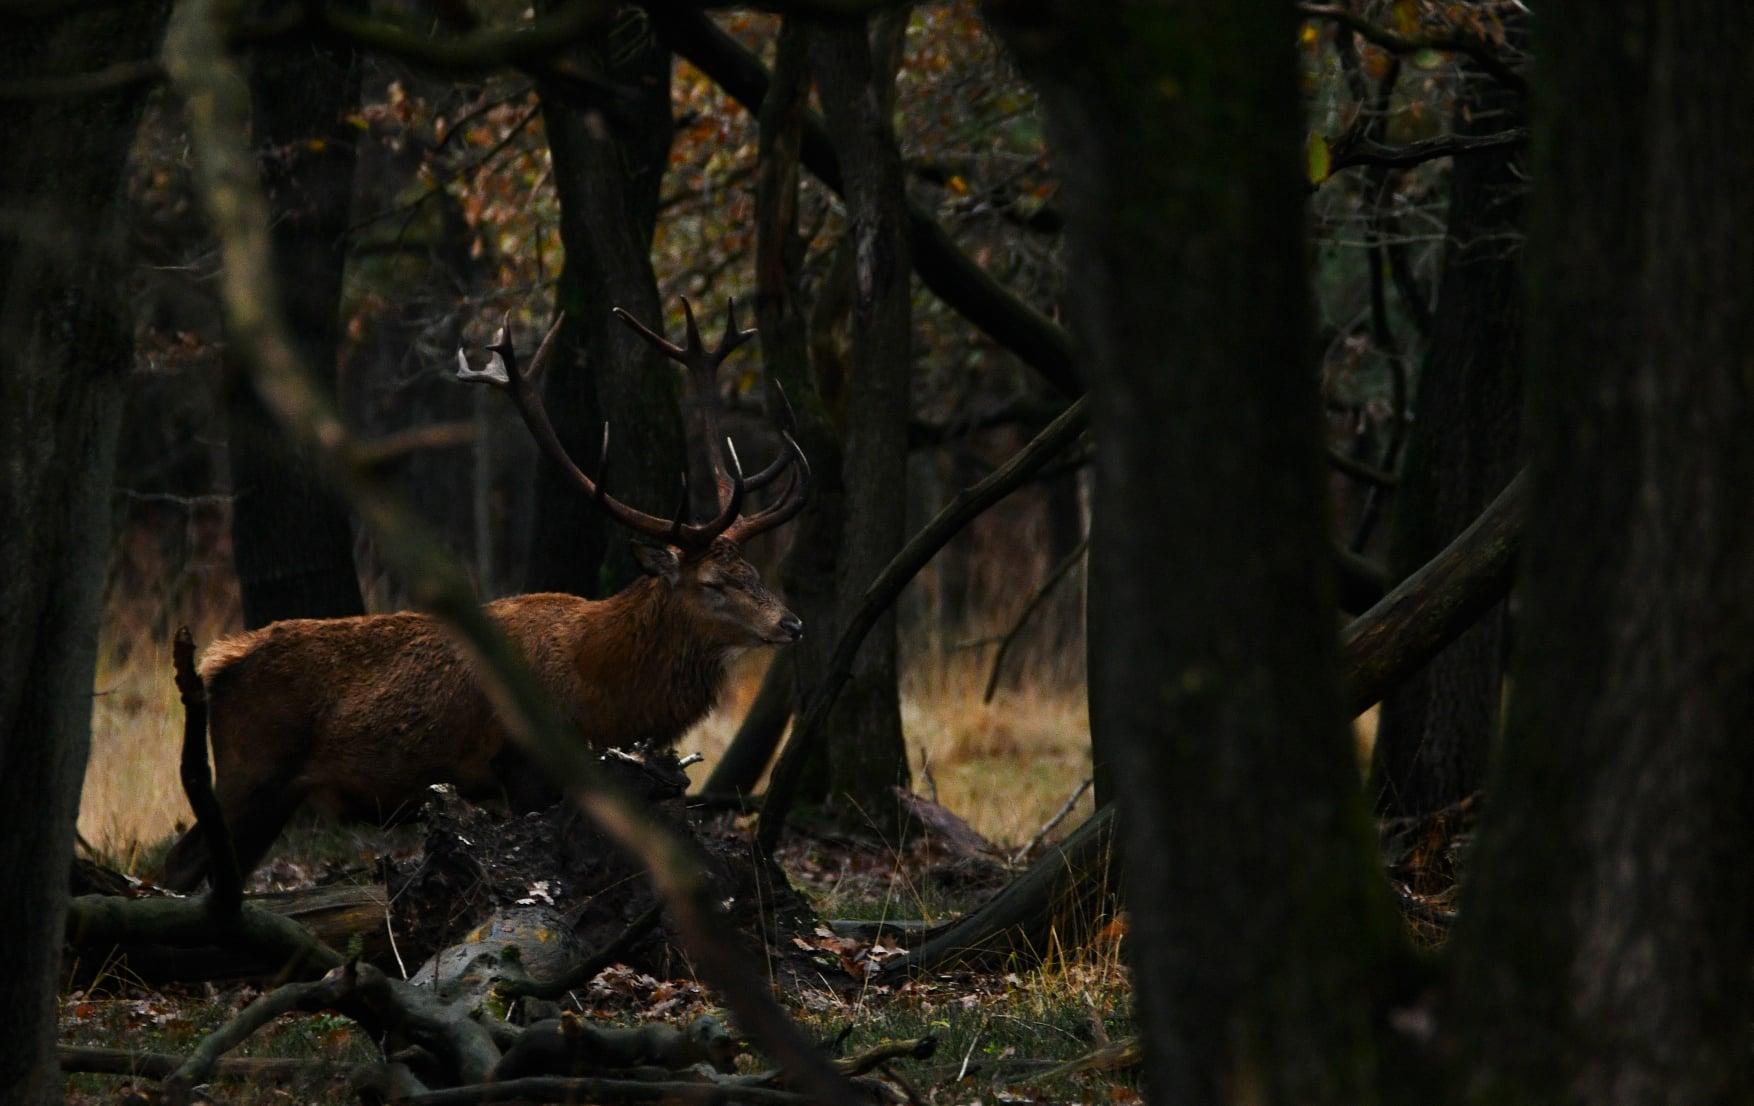 Als eerste zagen we tussen de takken door, de compagnon van Hubertus staan - Foto: ©Nel Vlieland